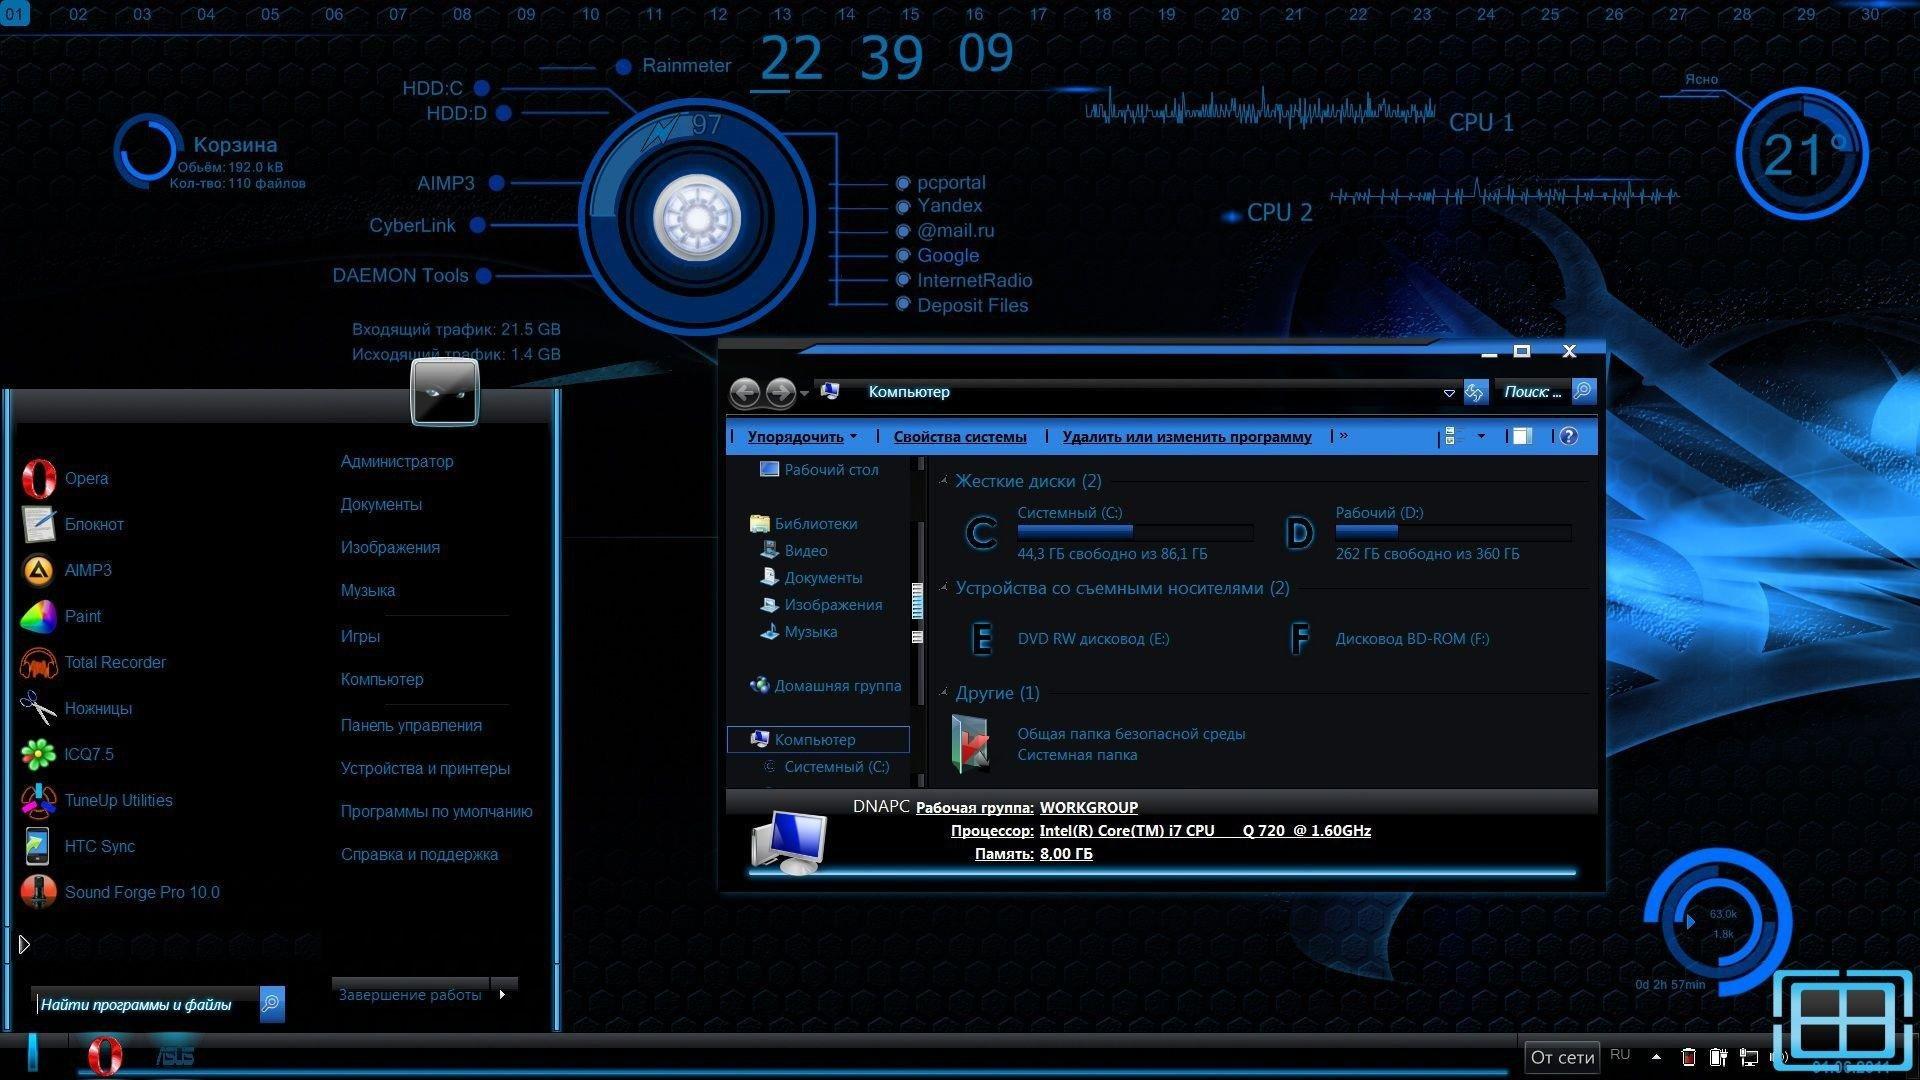 Проги Для Рабочего Стола Windows 8